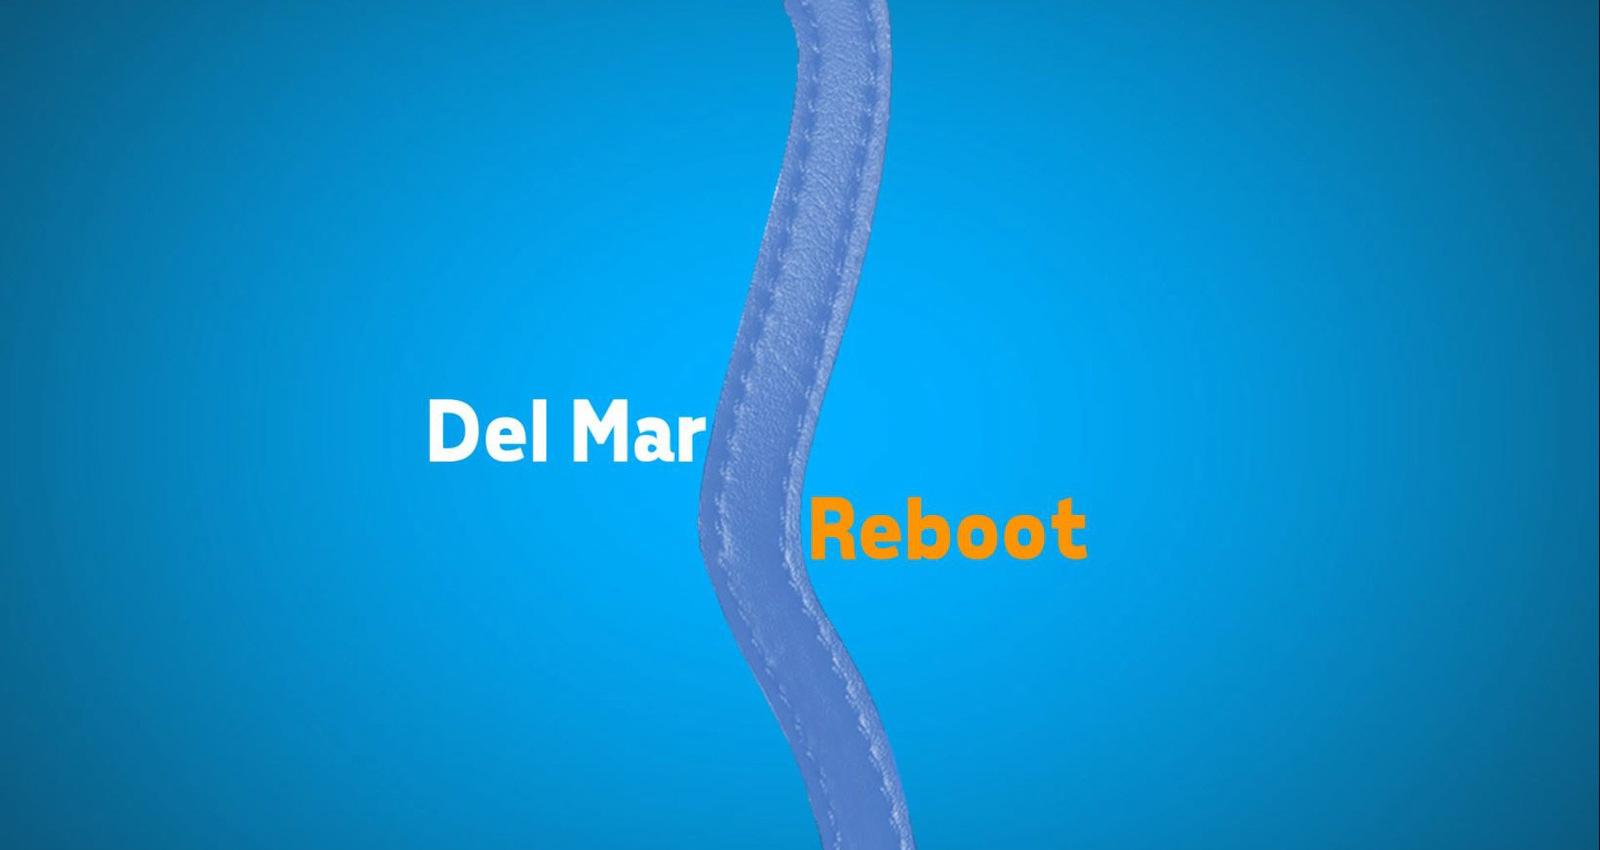 Del Mar Reboot